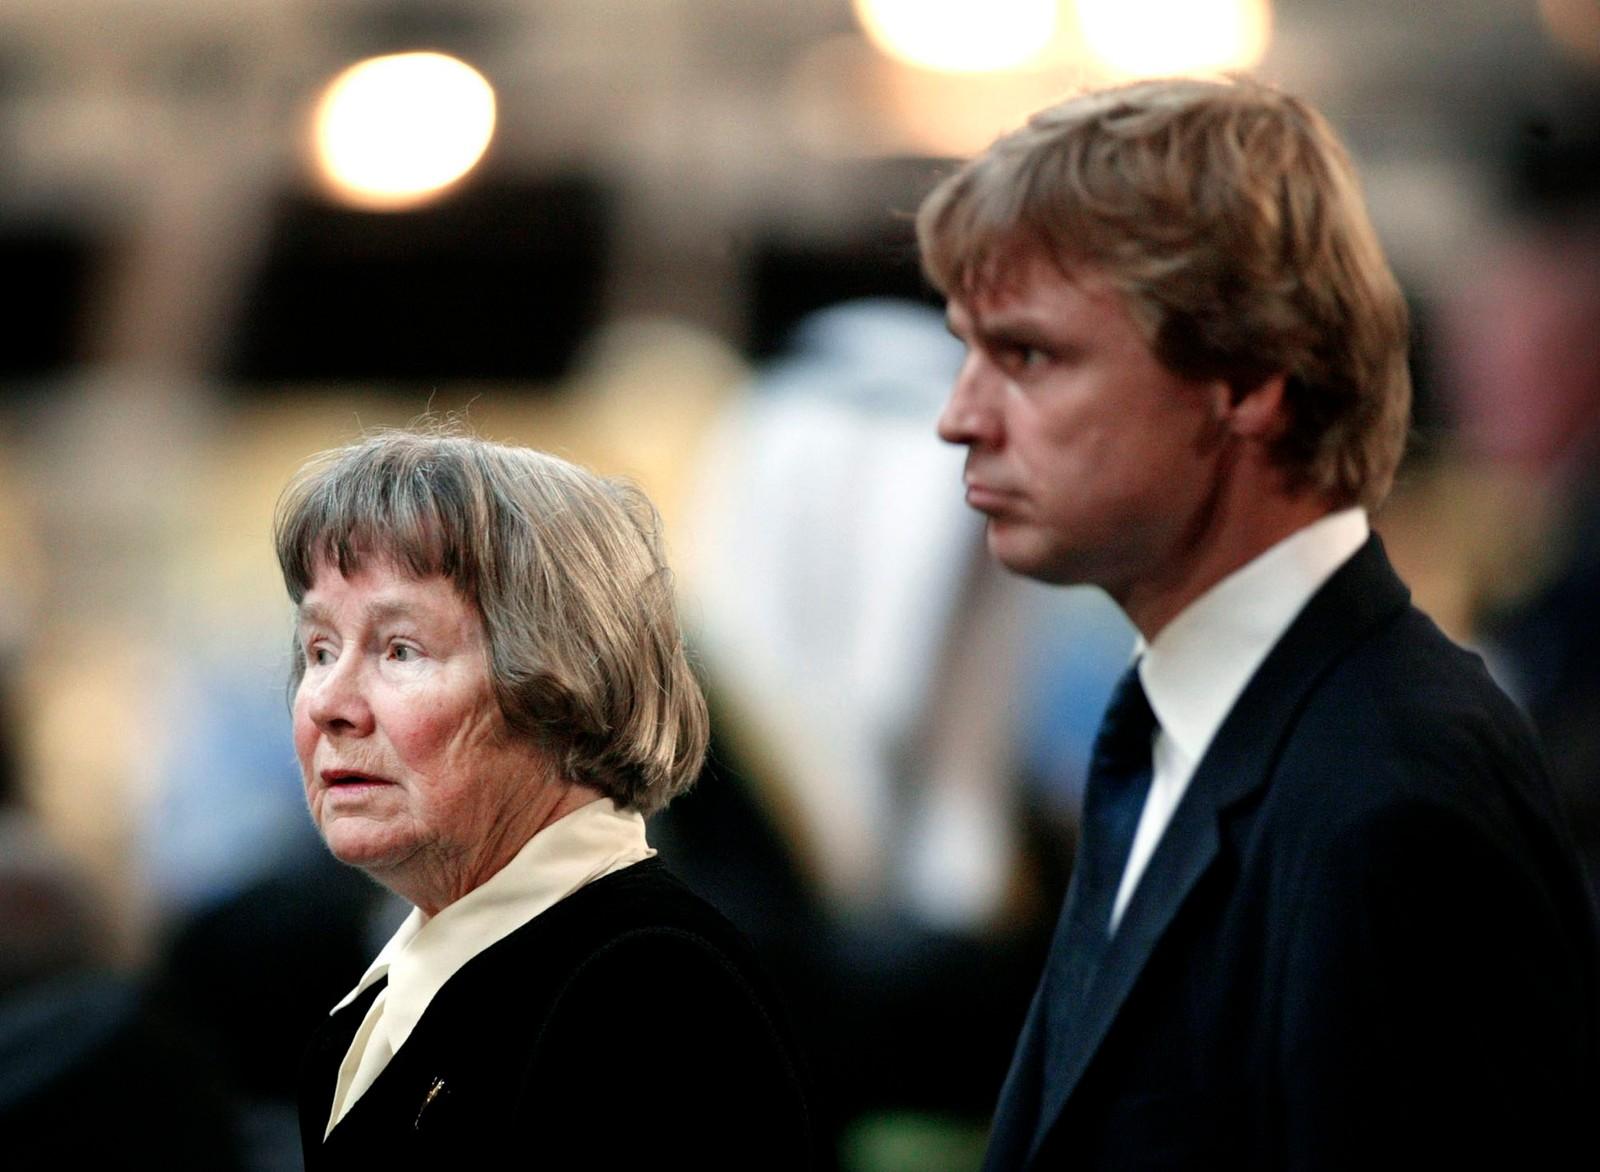 Enka Lisbeth Palme sammen med parets sønn, Joakim under en minnestund for Olof 19. september 2003.